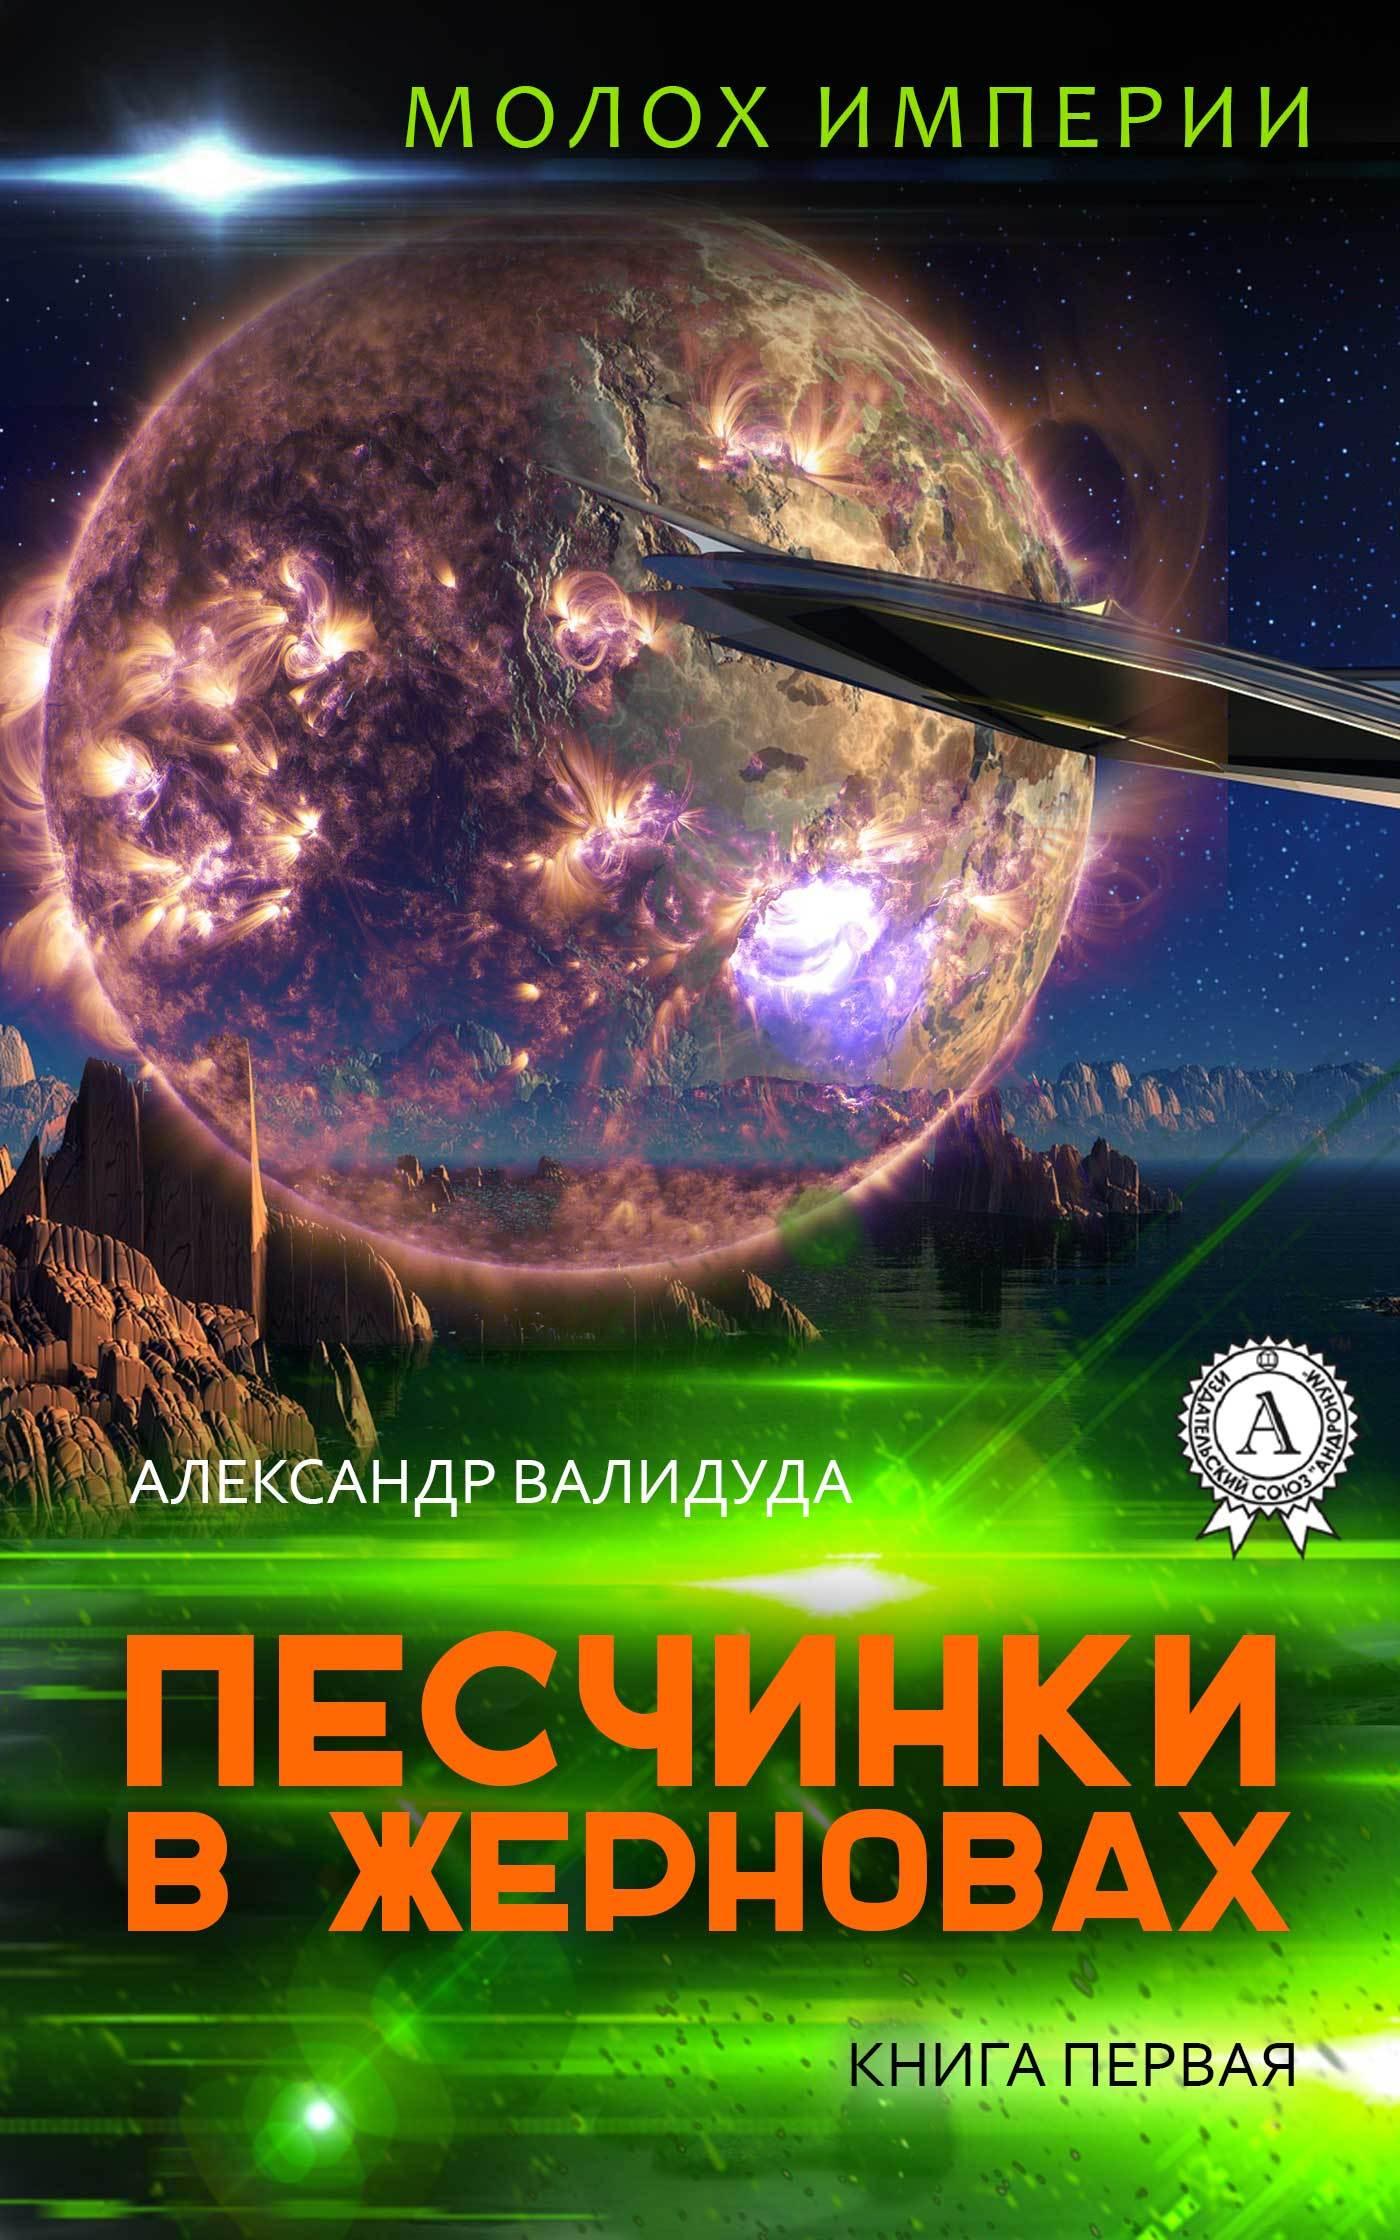 Александр Валидуда Песчинки в жерновах